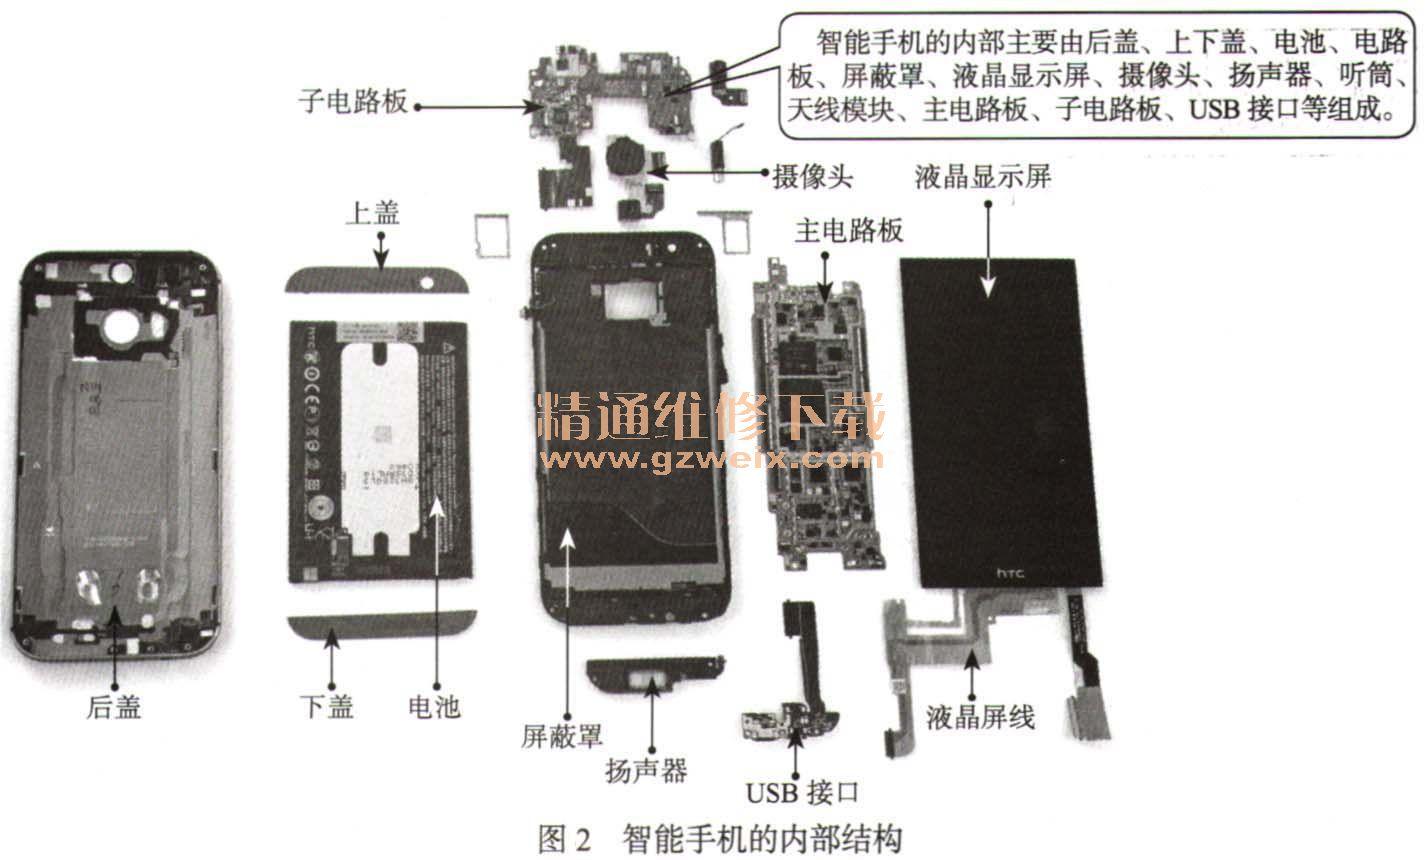 随着通信产业的不断发展,移动终端已经由原来单一的通话功能向语音、数据、图像、音乐和多媒体方向综合演变。而移动终端基本上可以分成两种:一种是传统手机(feature phone);另一种是智能手机(smart phone)。智能手机具有传统手机的基本功能,还具有以下特点:开放的操作系统、硬件和软件可扩充性,以及支持第三方的二次开发。相对于传统手机,智能手机以其强大的功能和便捷的操作等特点受到了入们的青睐,成为市场的一种潮流。 1.